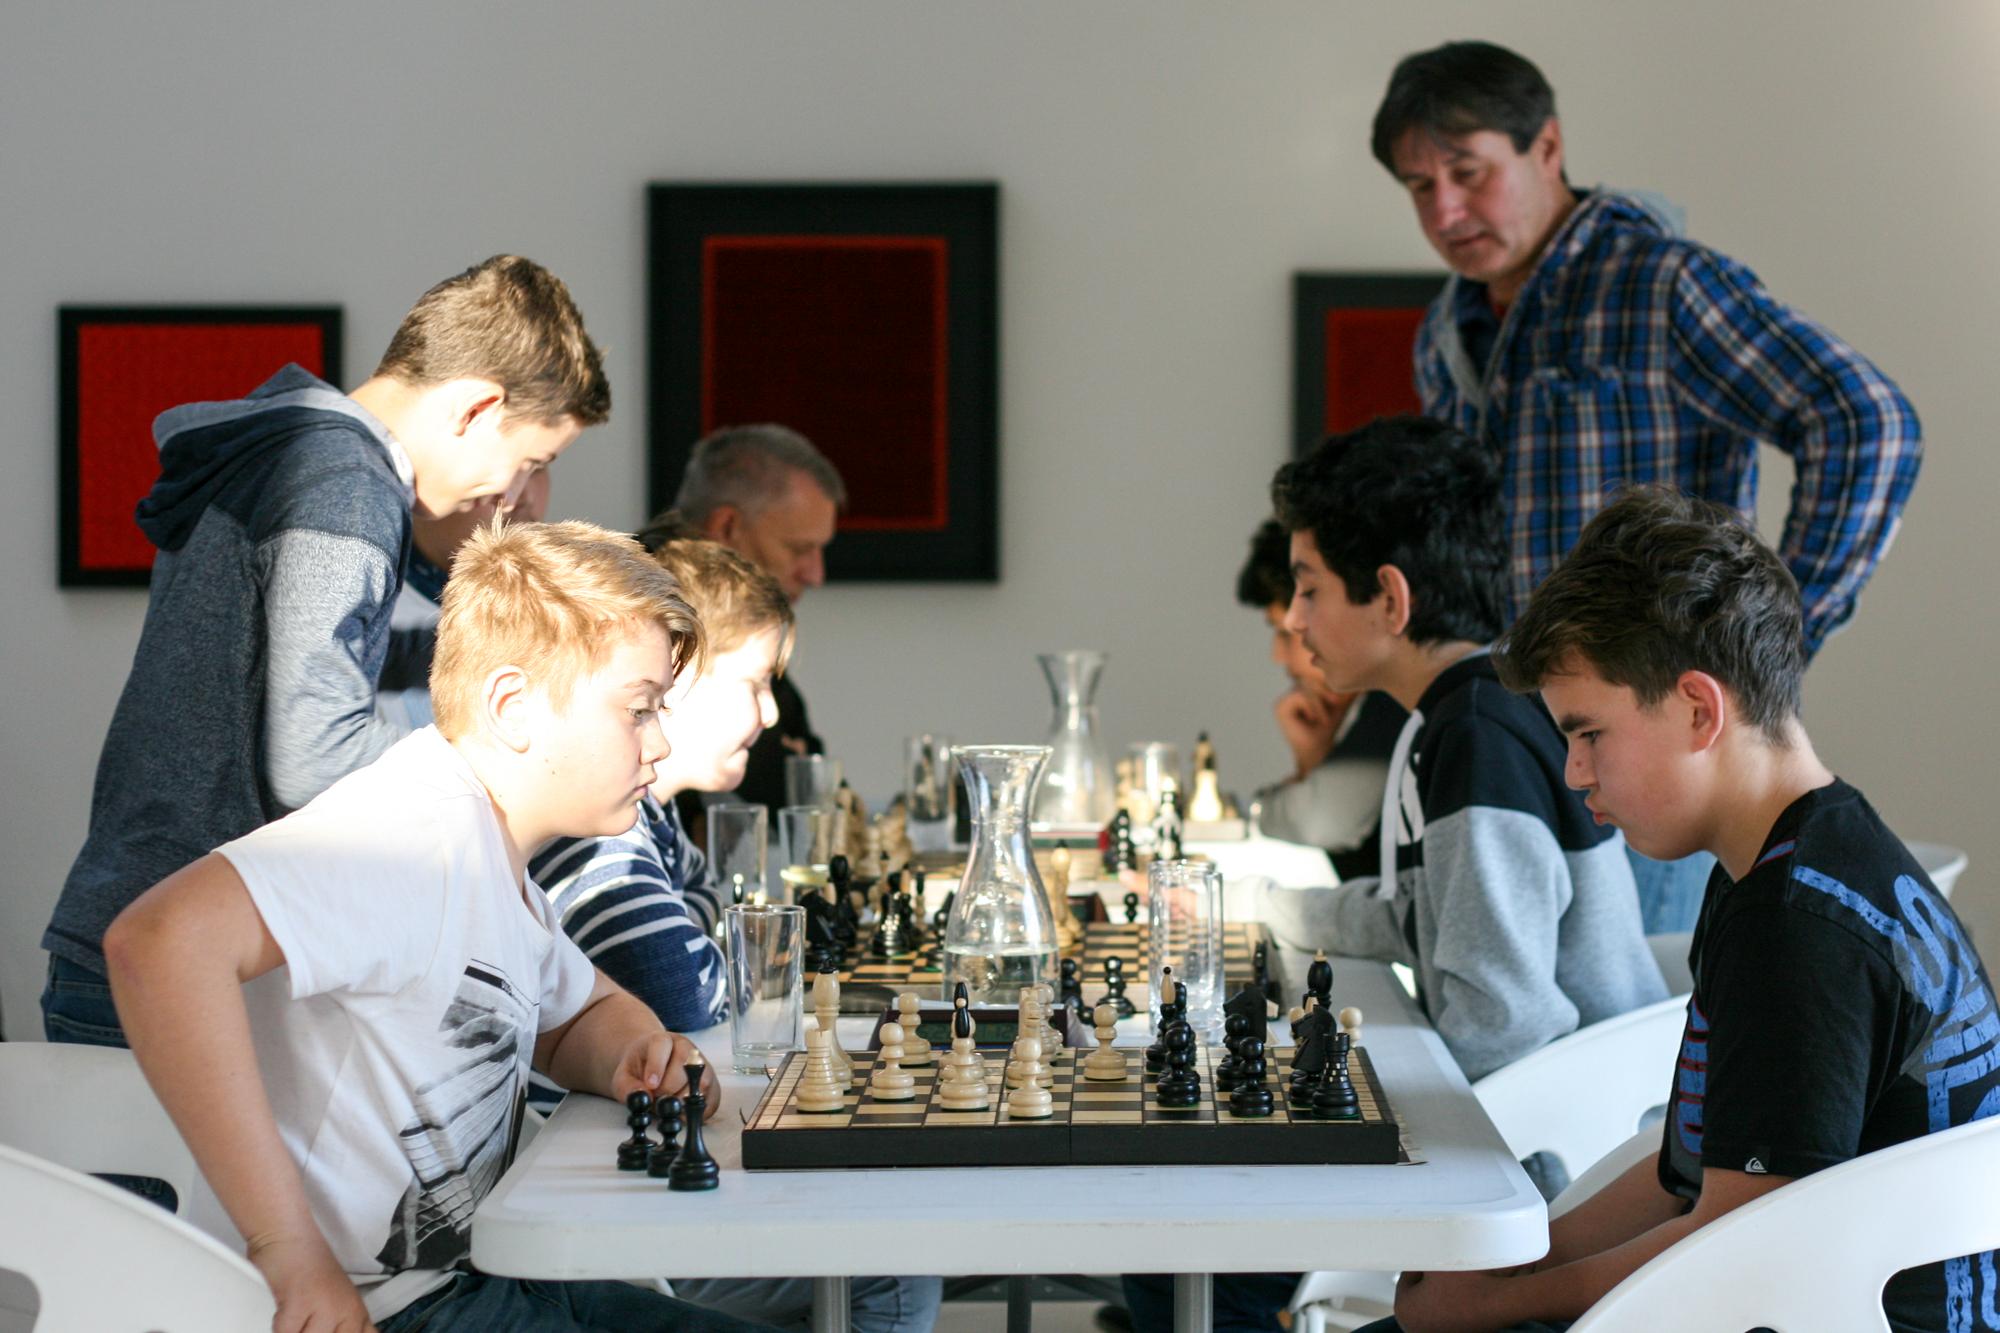 šachy_galerie_závodný.jpg